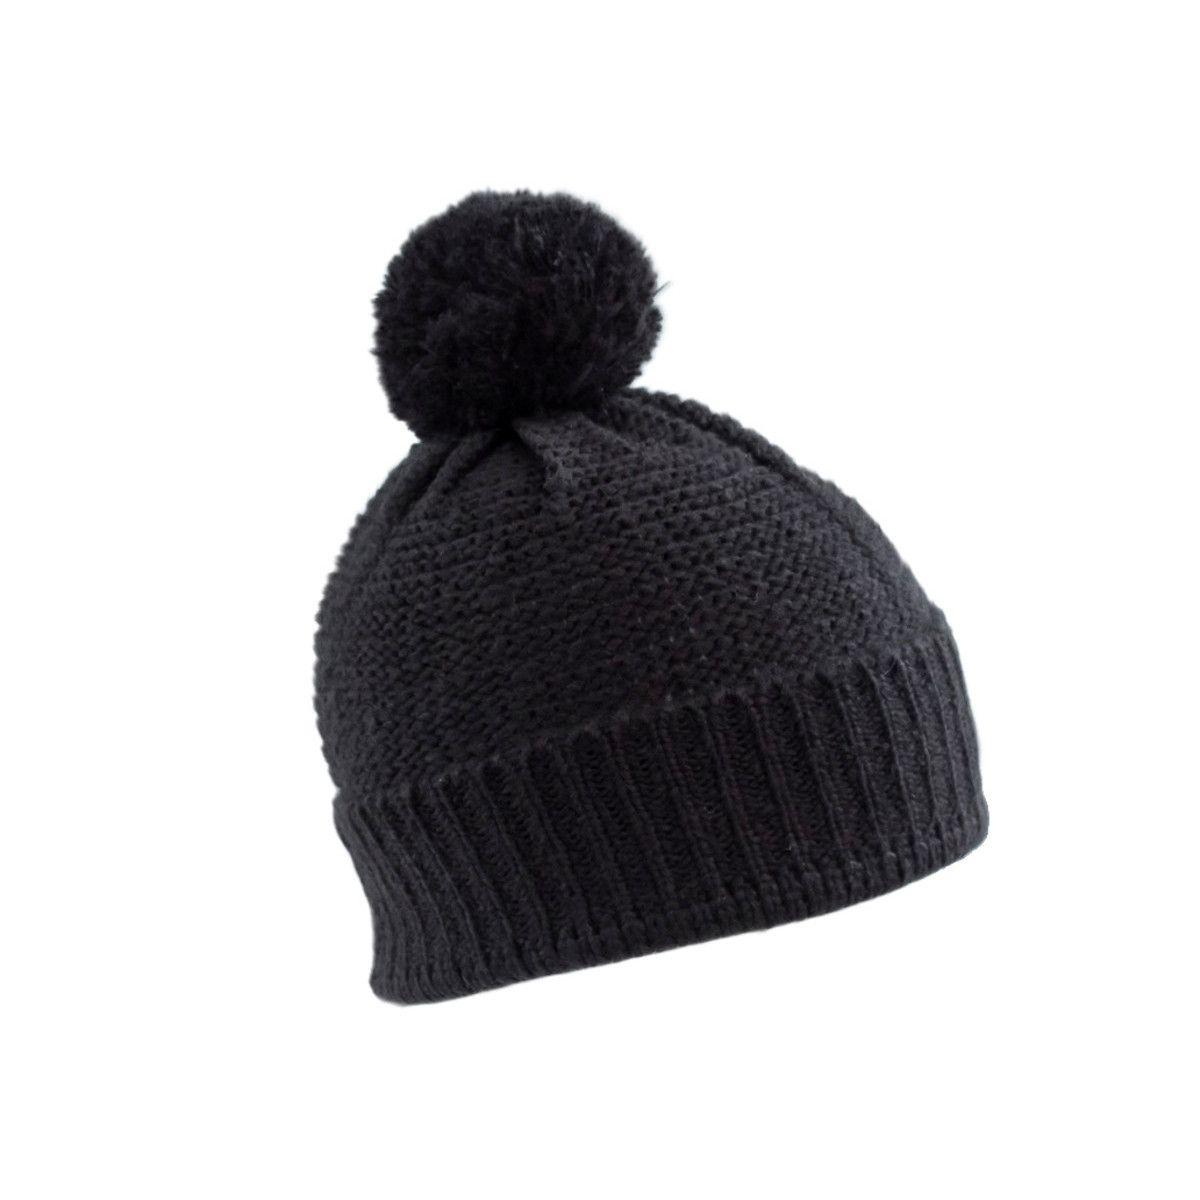 Bonnet laine pompon adulte noir